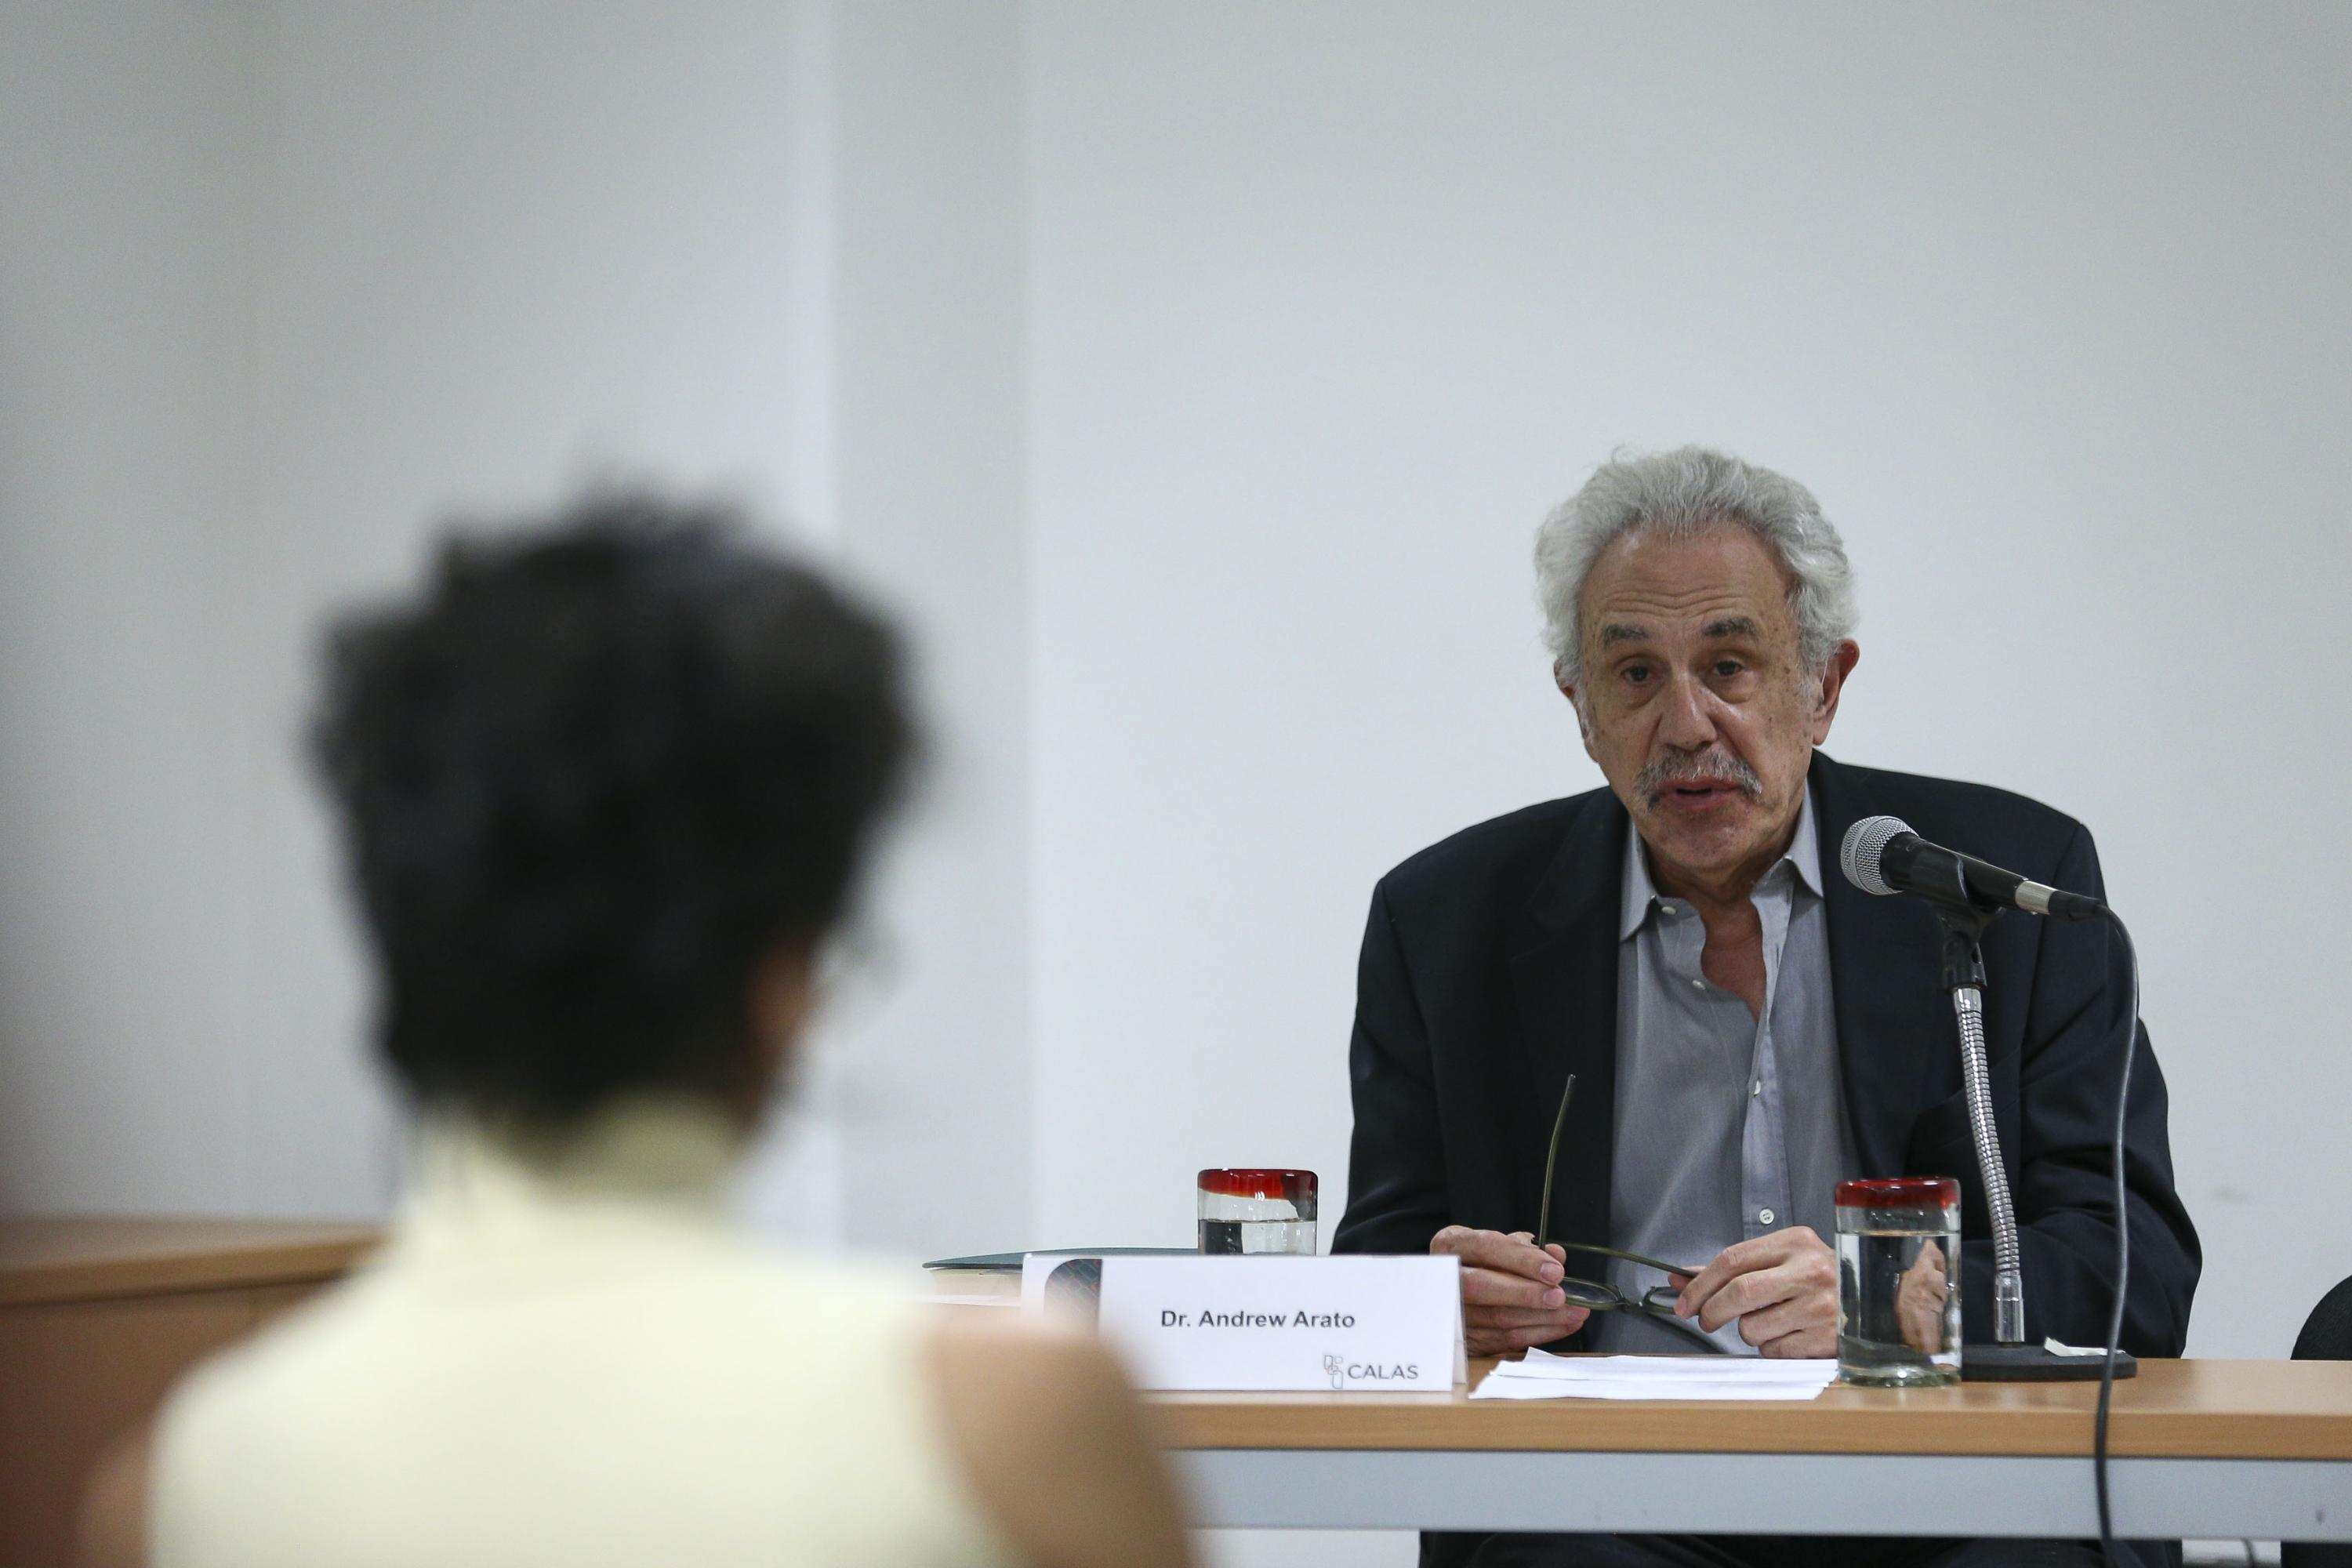 Profesor de Teoría Política y Social, del Departamento de Sociología de The New School for Social Research, en Nueva York, doctor Andrew Arato, hablando frente al micrófono durante la conferencia magistral